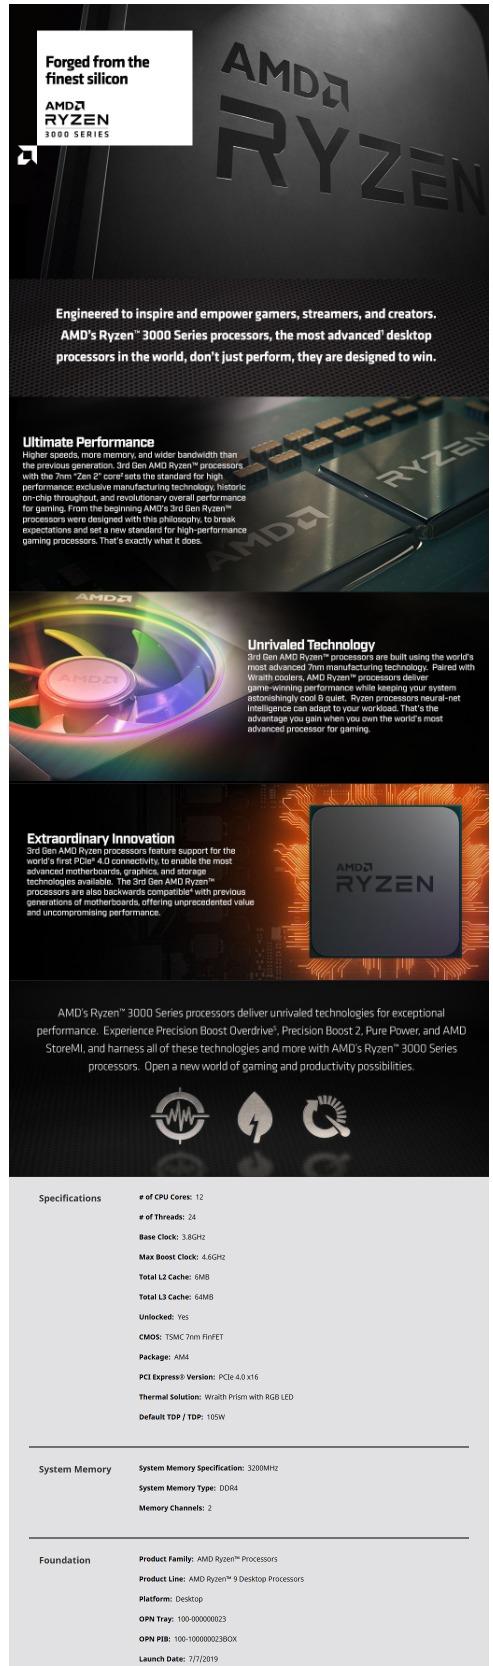 AMD Ryzen 9 3900X with Wraith Prism